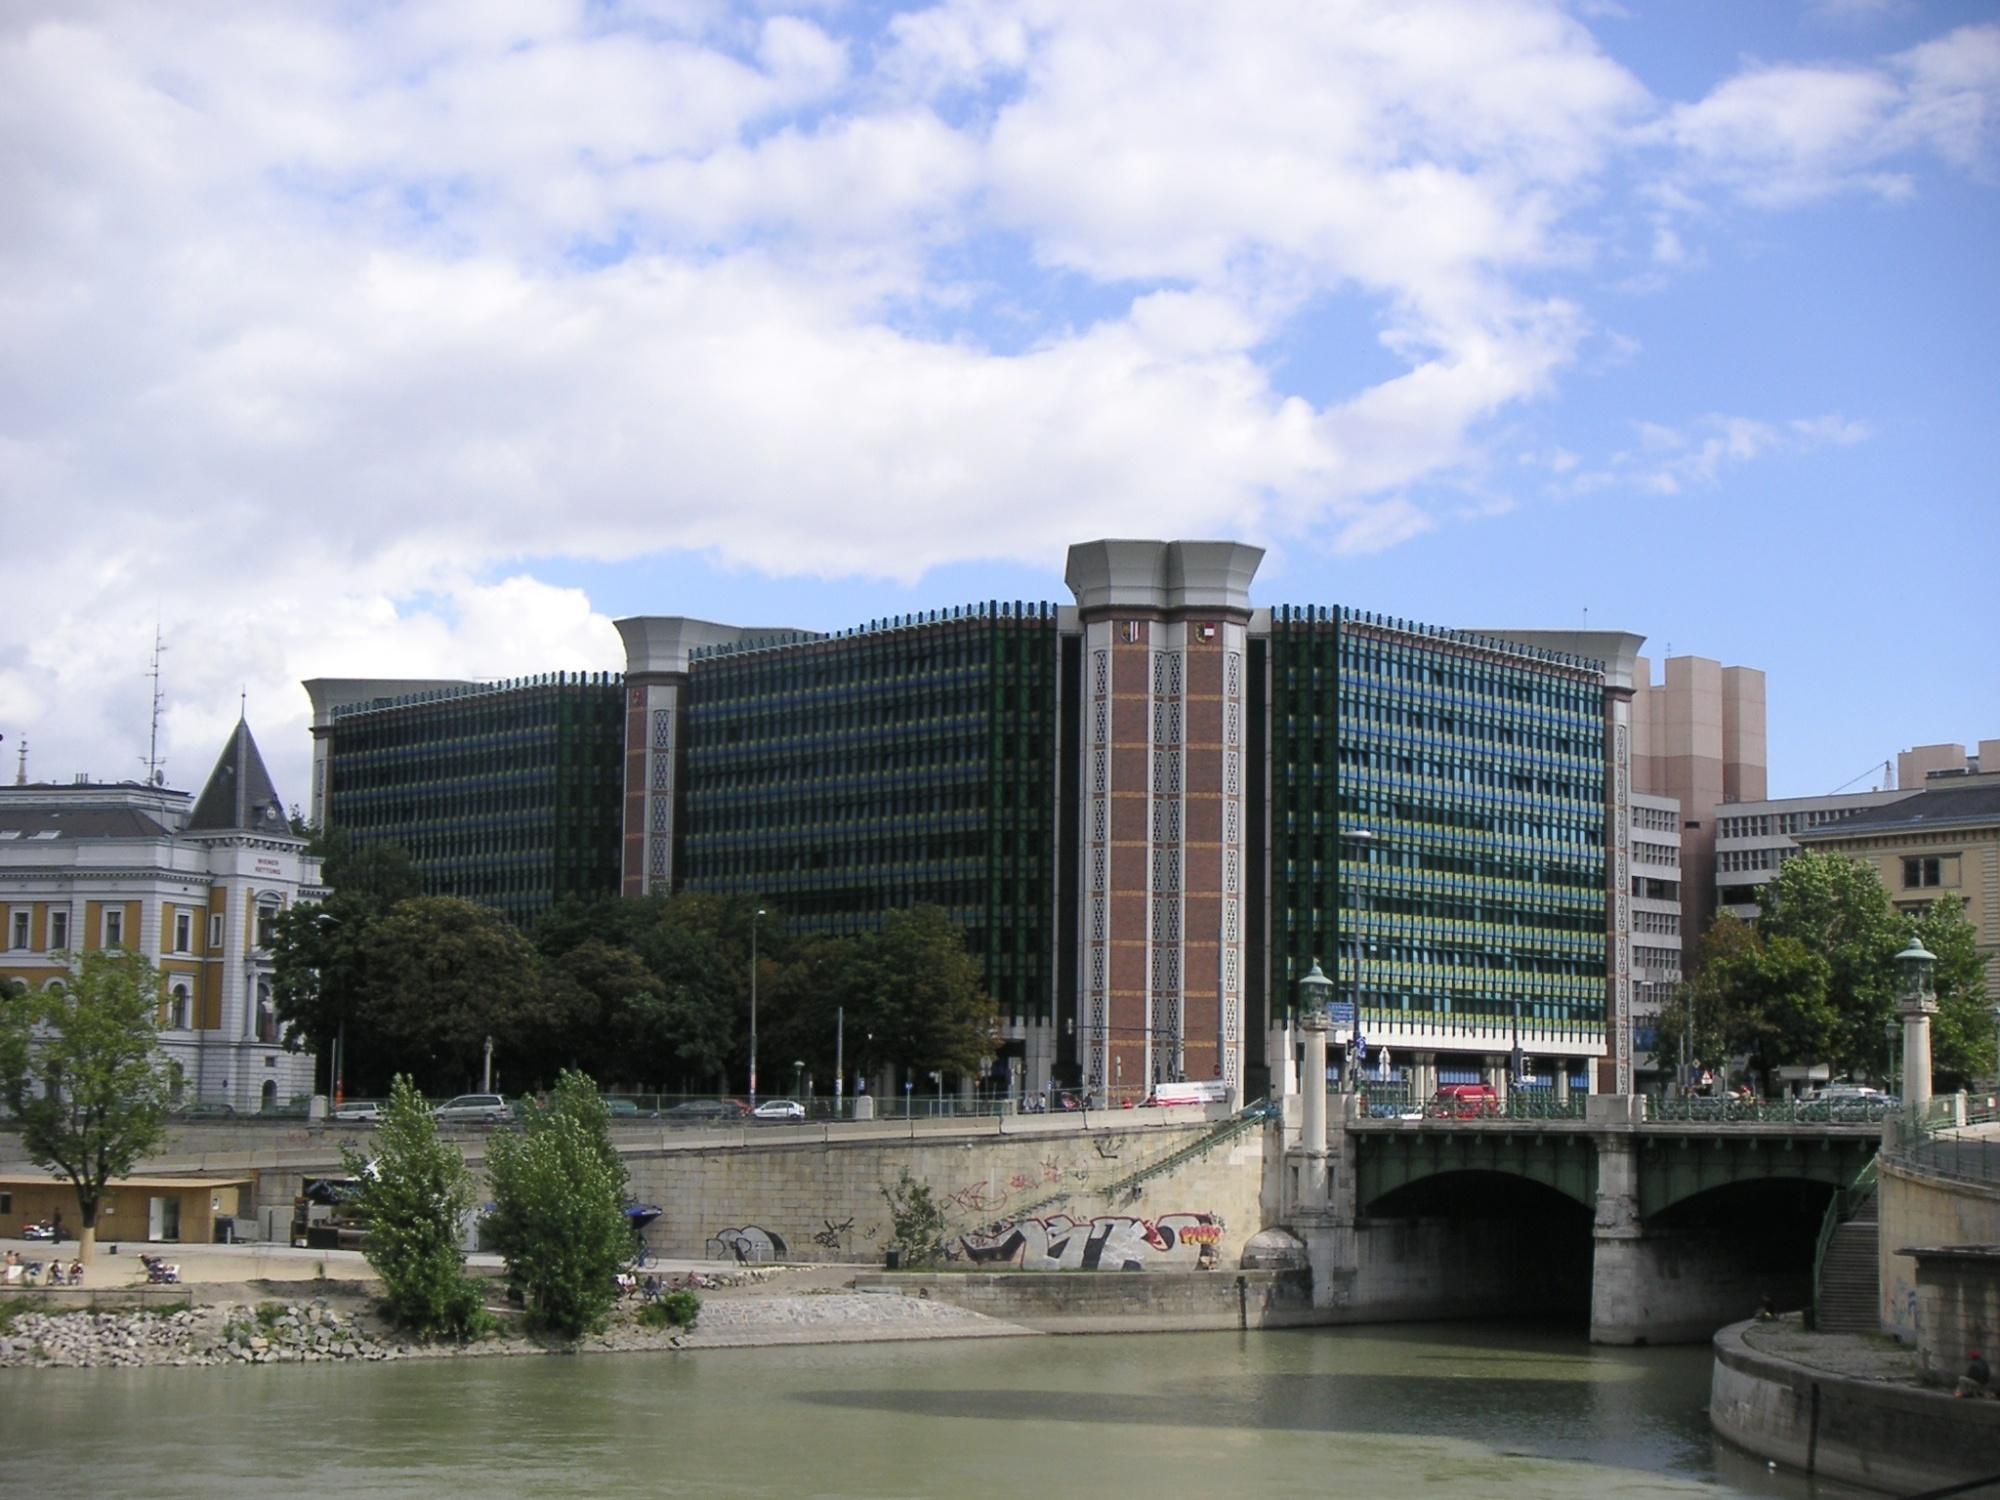 Wasser, dahinter Gebäude